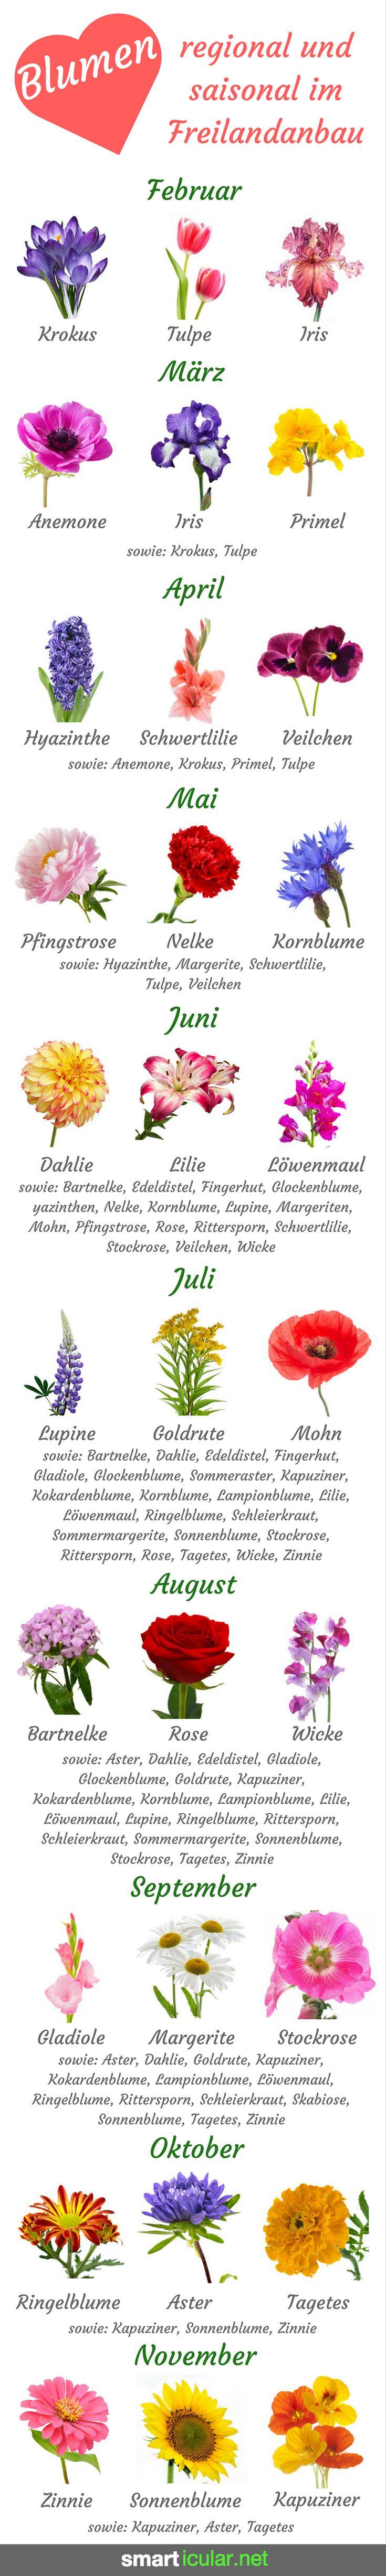 Blumensträuße sind wunderschön und erfreuen das Gemüt, leider verursachen sie auch viele Umweltprobleme. Finde heraus, wie du sie mindern kannst.